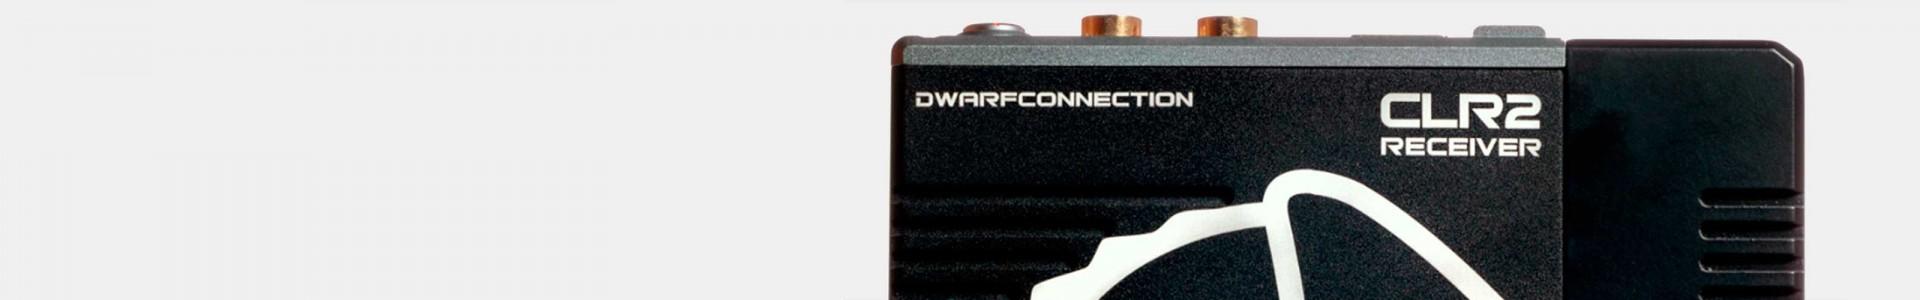 DwarfConnection en Avacab - Distribuidores oficiales Dwarf